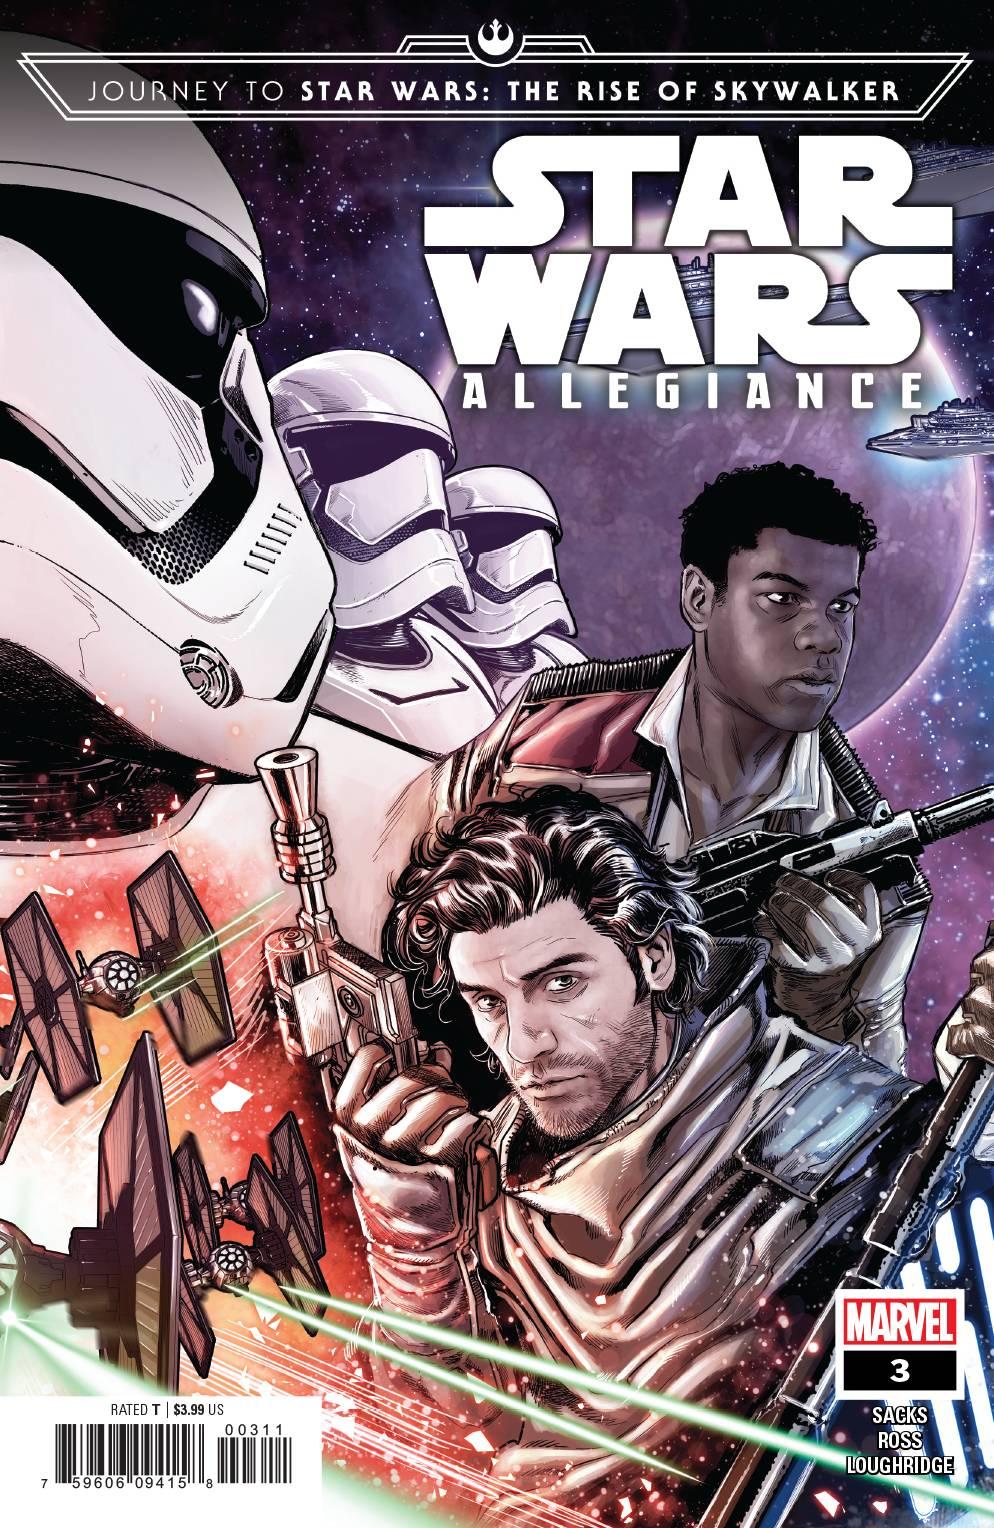 Aug191113 Journey Star Wars Rise Skywalker Allegiance 3 Previews World